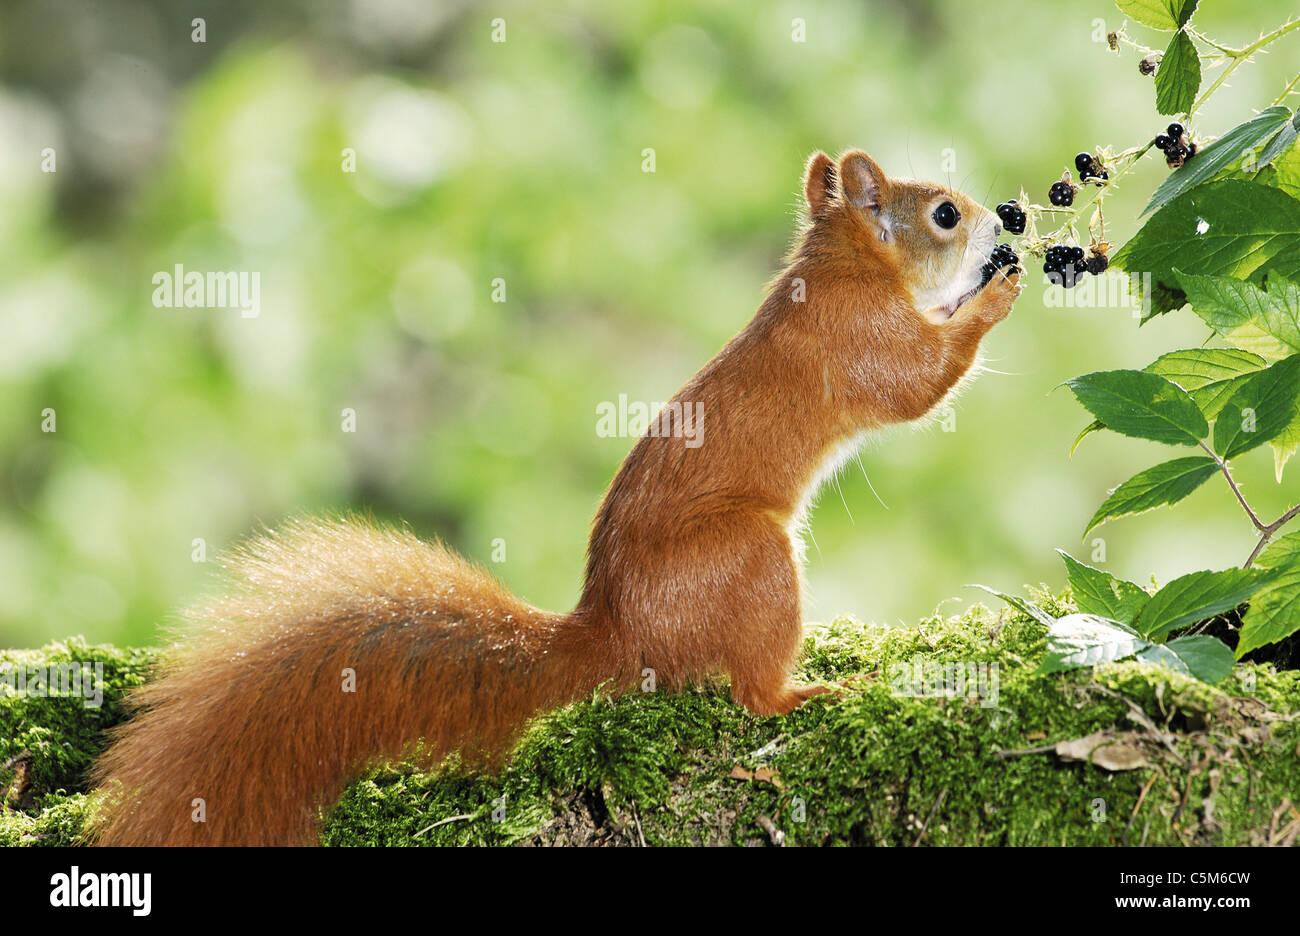 L'écureuil roux européen de manger des mûres Photo Stock